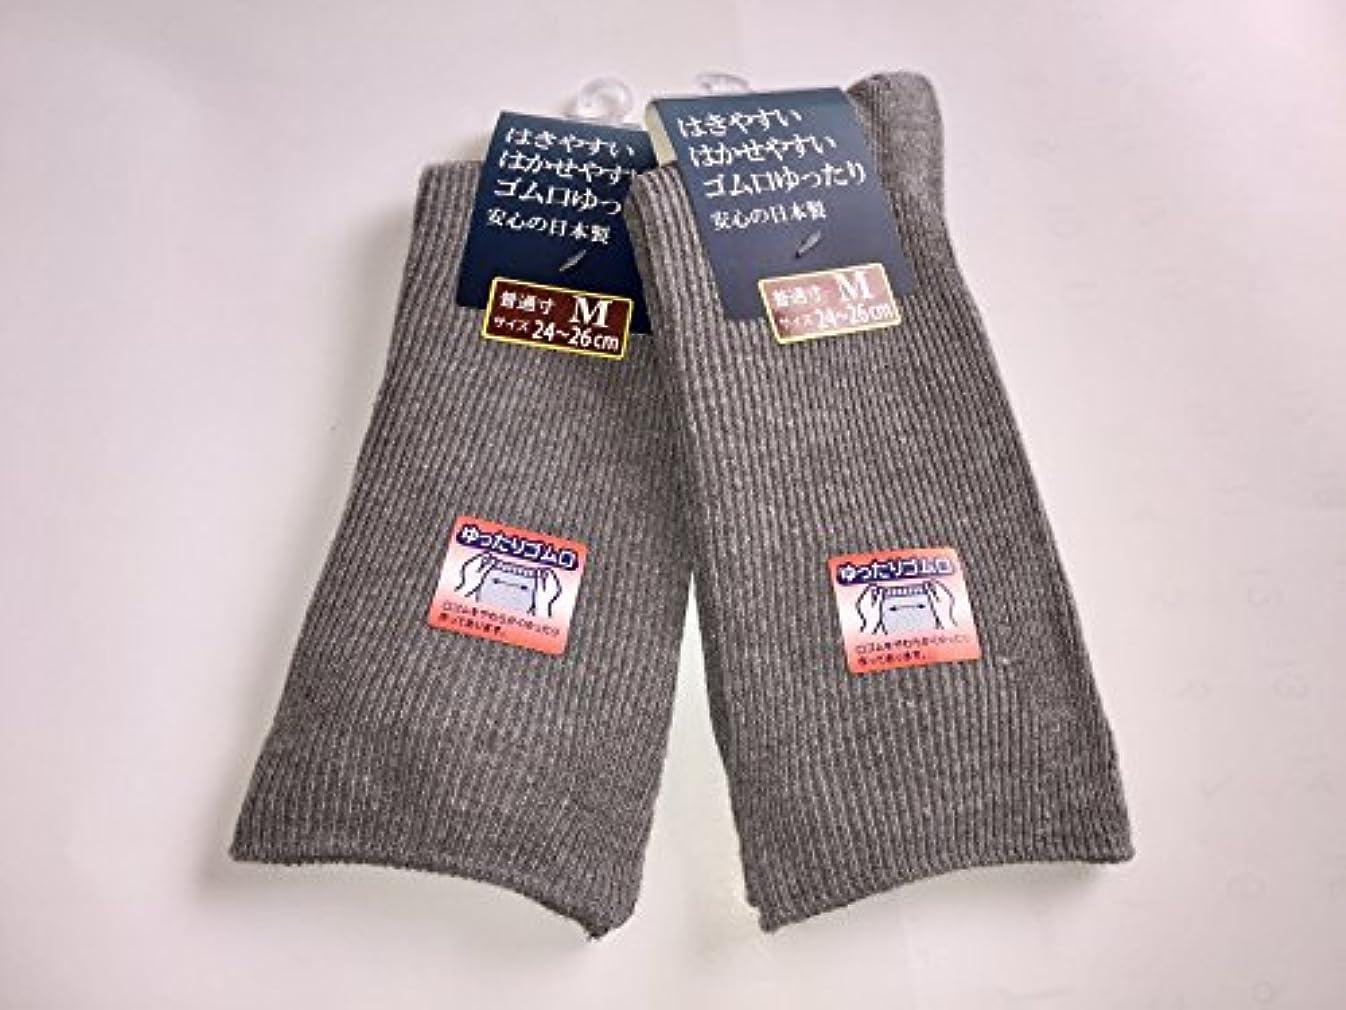 標準ペンフレンド間違いなく日本製 靴下 メンズ 口ゴムなし ゆったり靴下 24-26cm 2足組 (グレー)